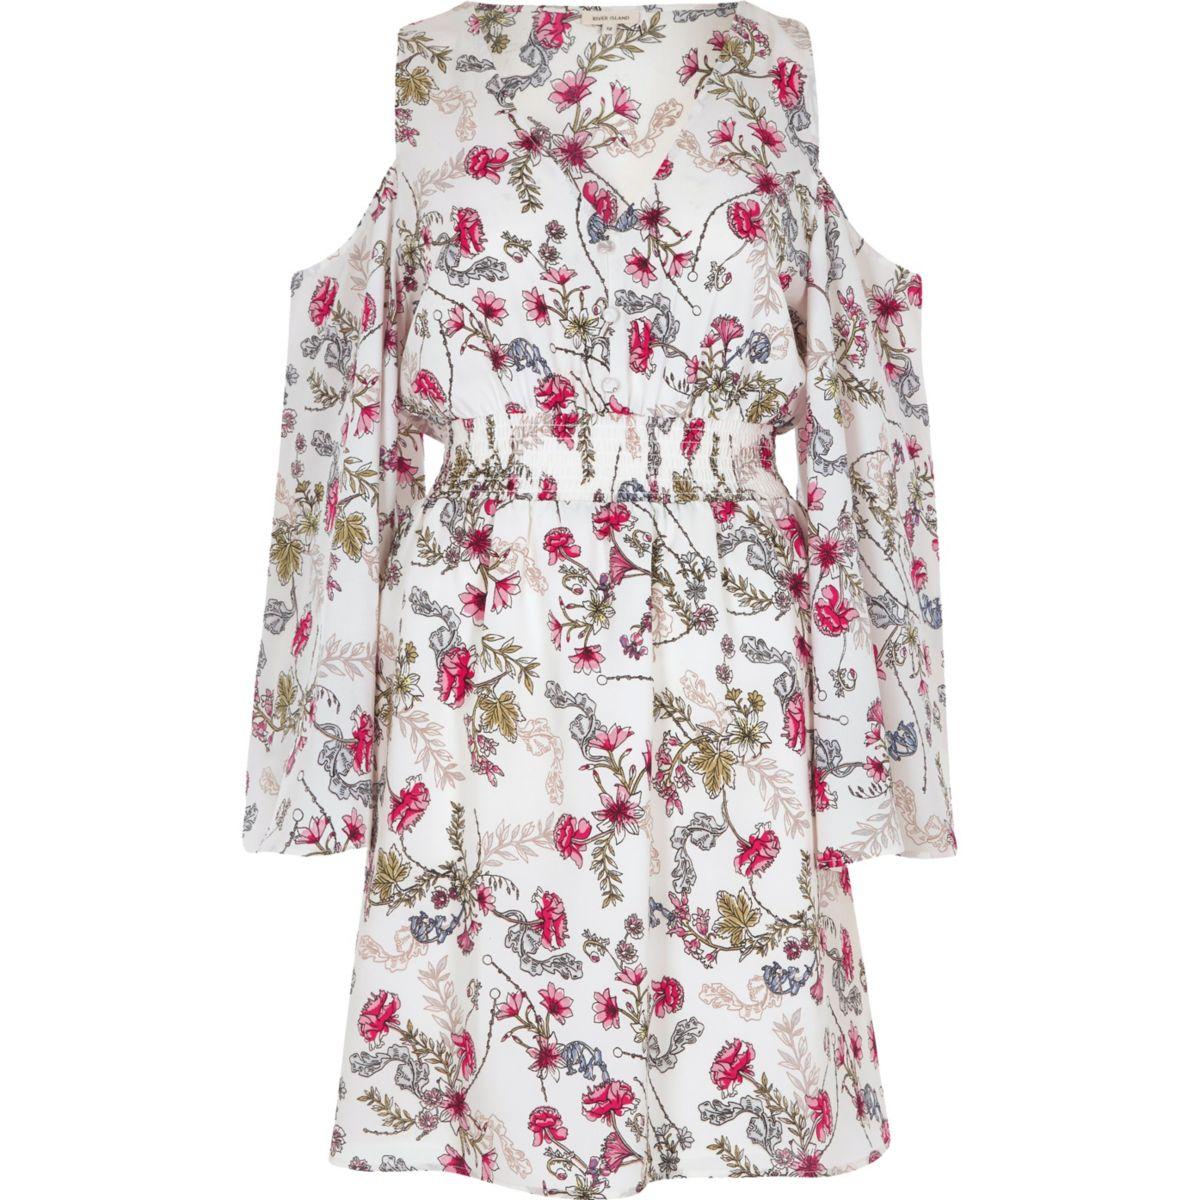 White floral print cold shoulder dress